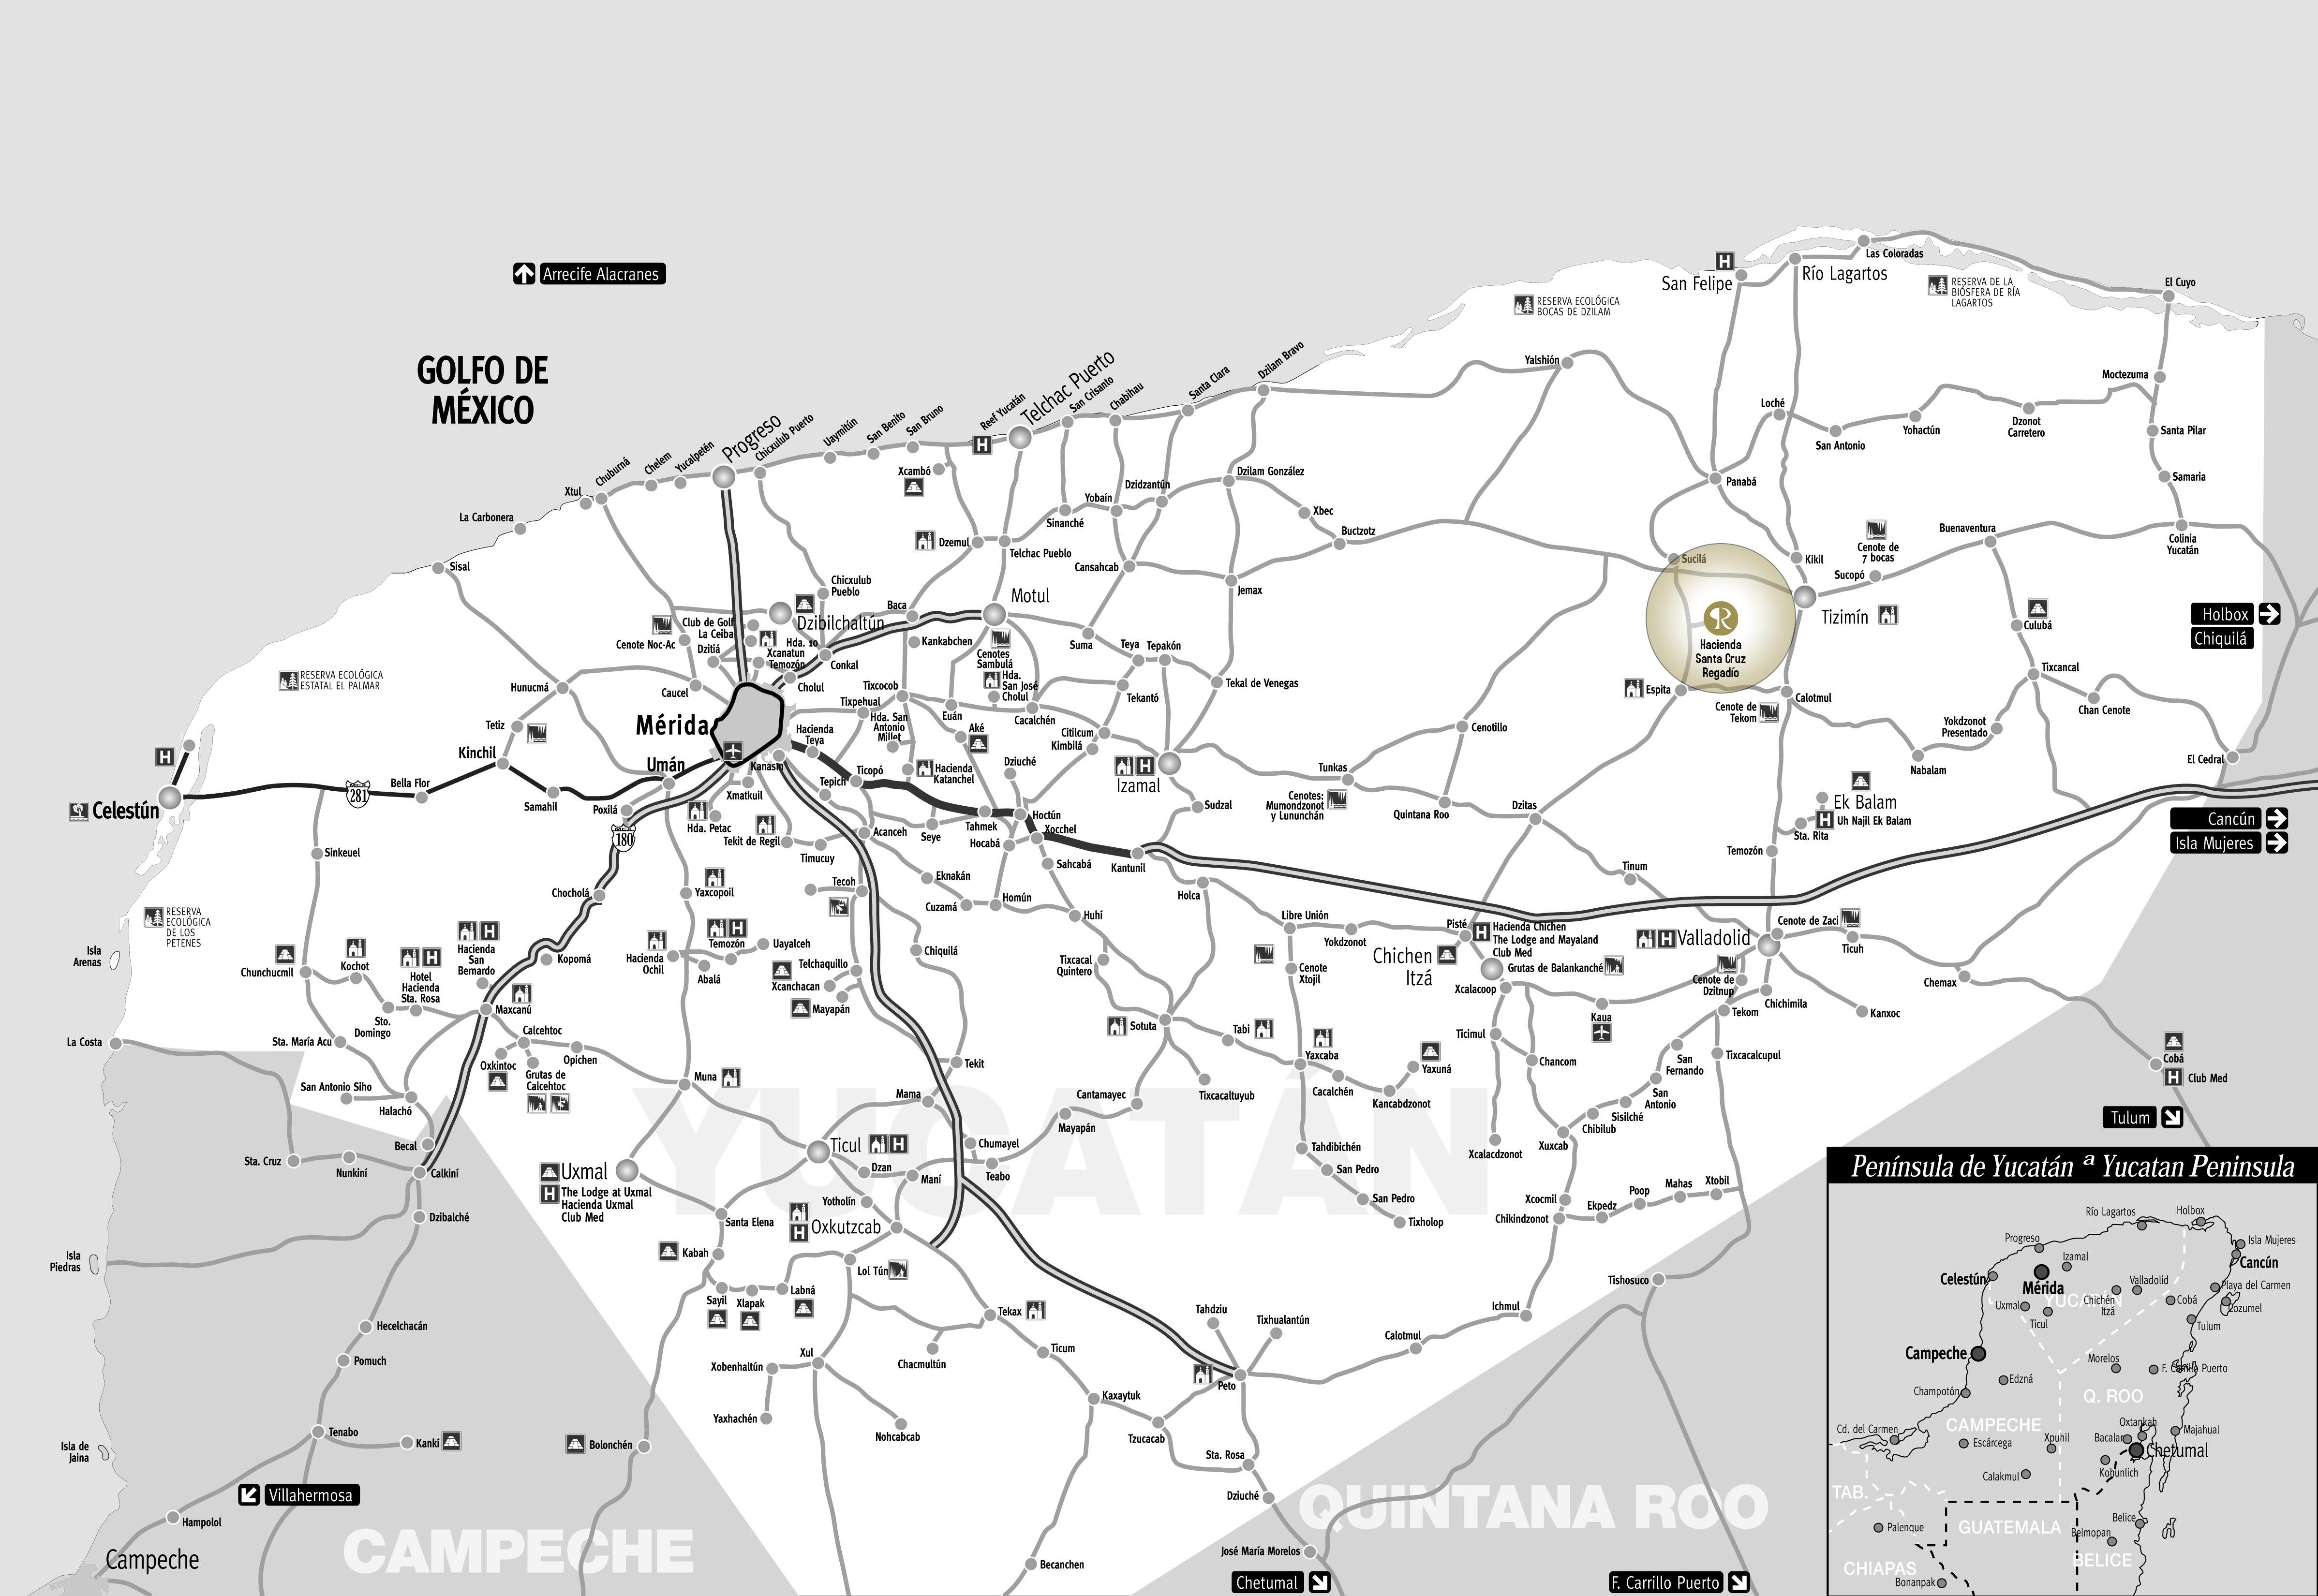 Mapa Santa Cruz Regadio Hacienda Santa Cruz Regadio